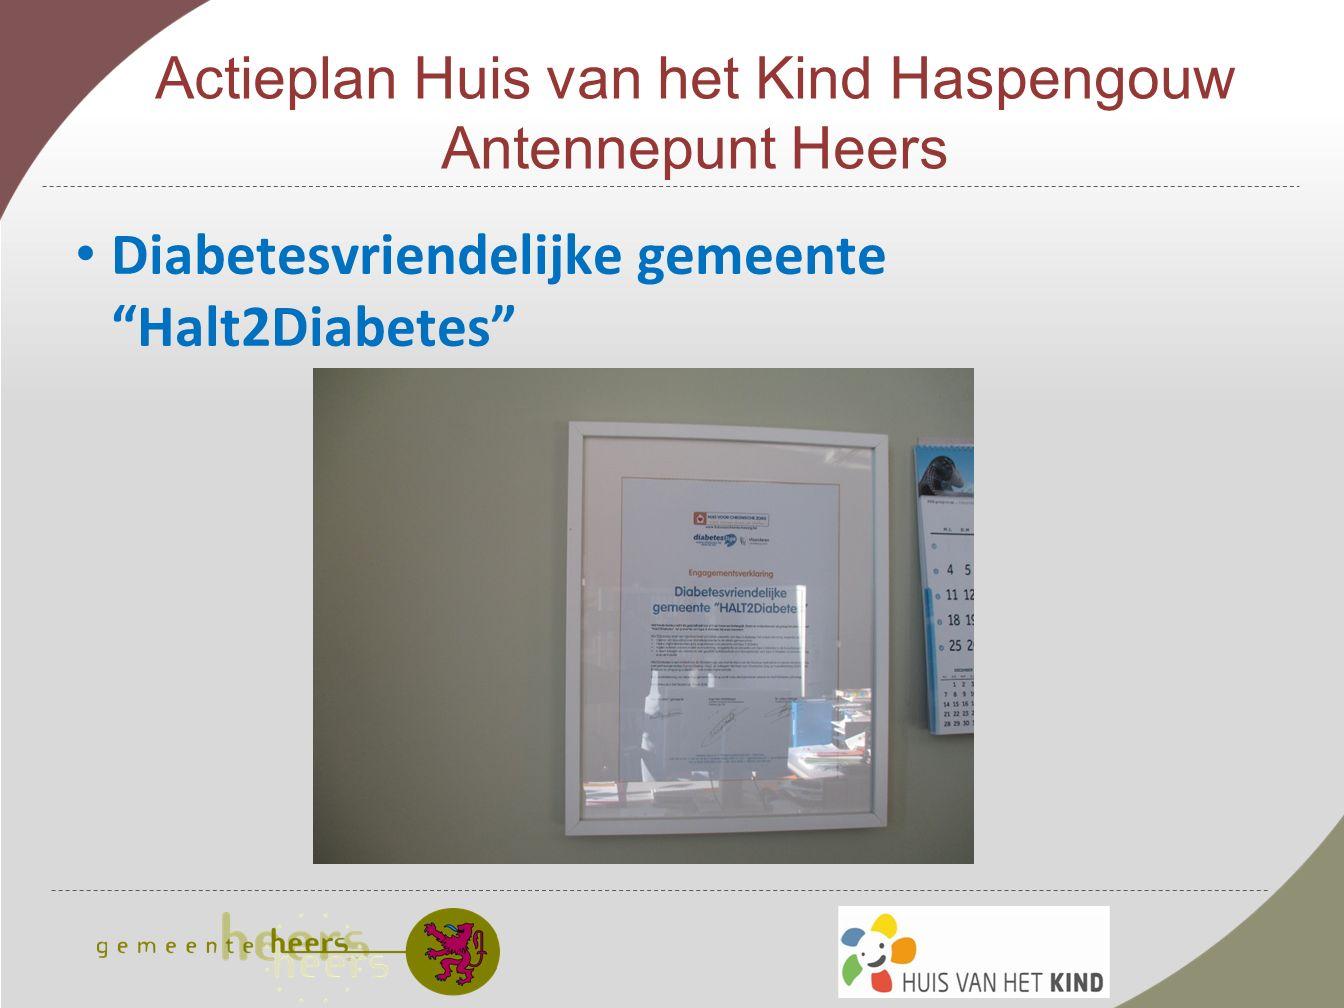 Actieplan Huis van het Kind Haspengouw Antennepunt Heers Diabetesvriendelijke gemeente Halt2Diabetes